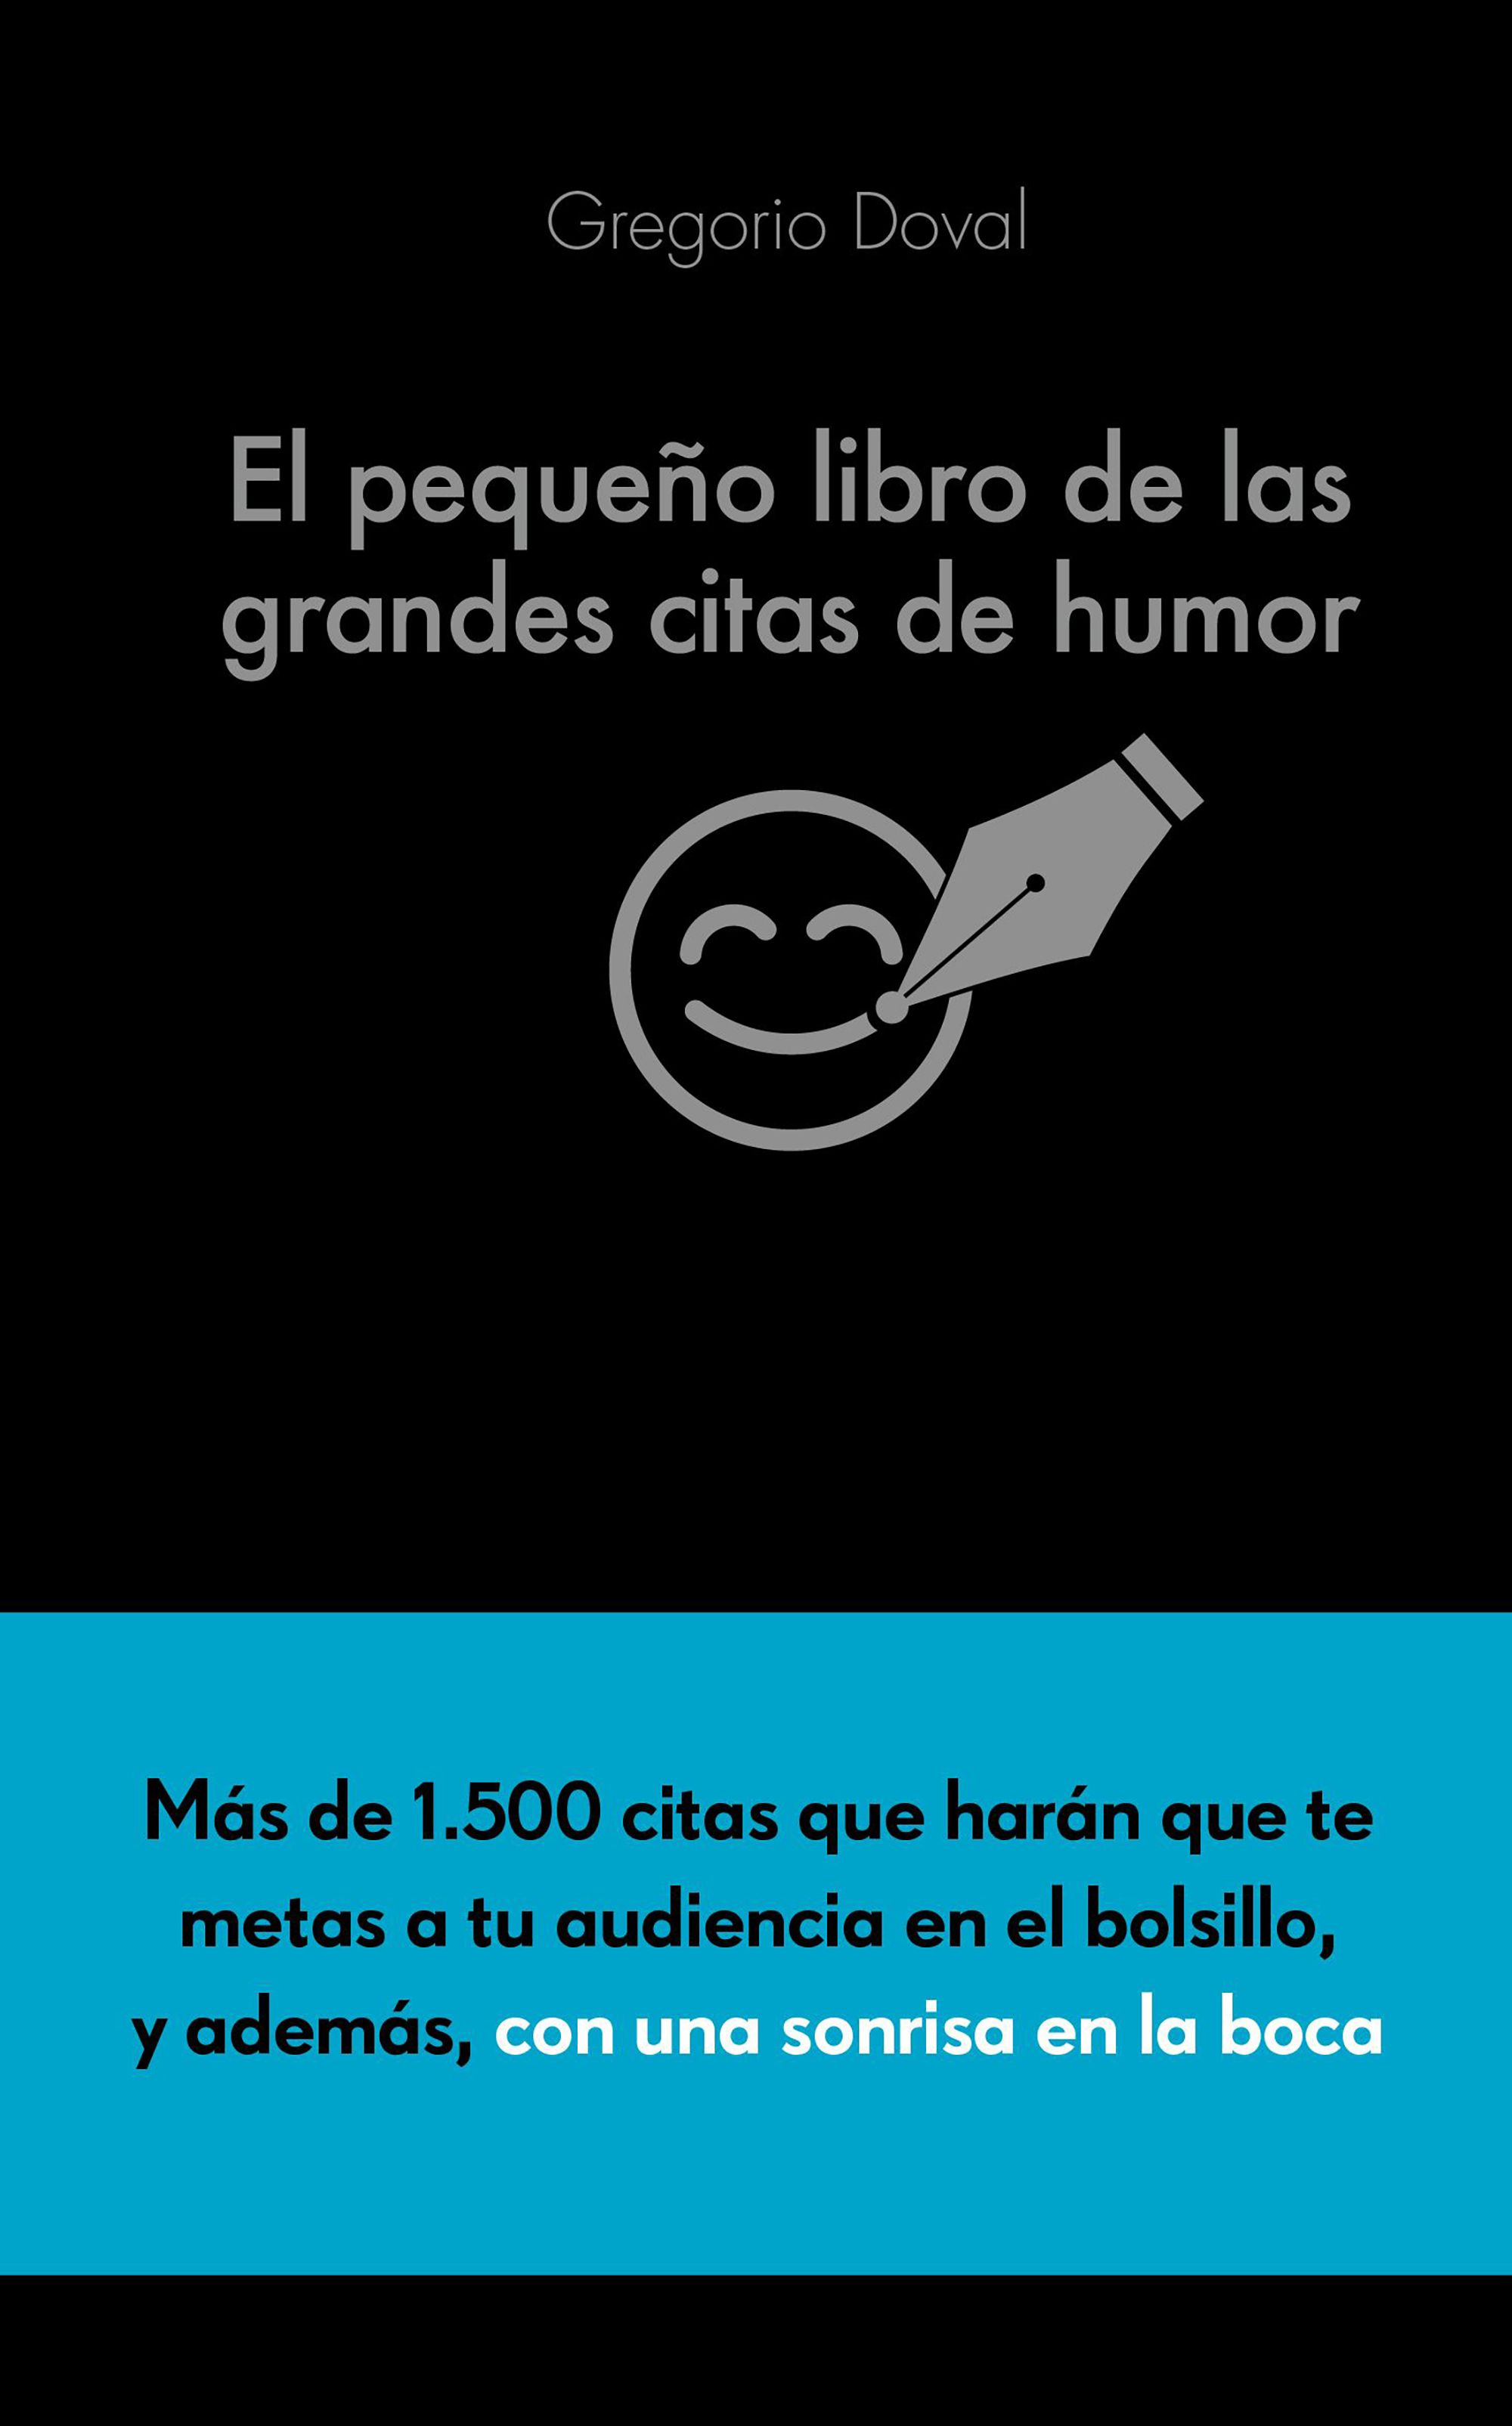 El pequeño libro de las grandes citas de humor | Planeta de Libros